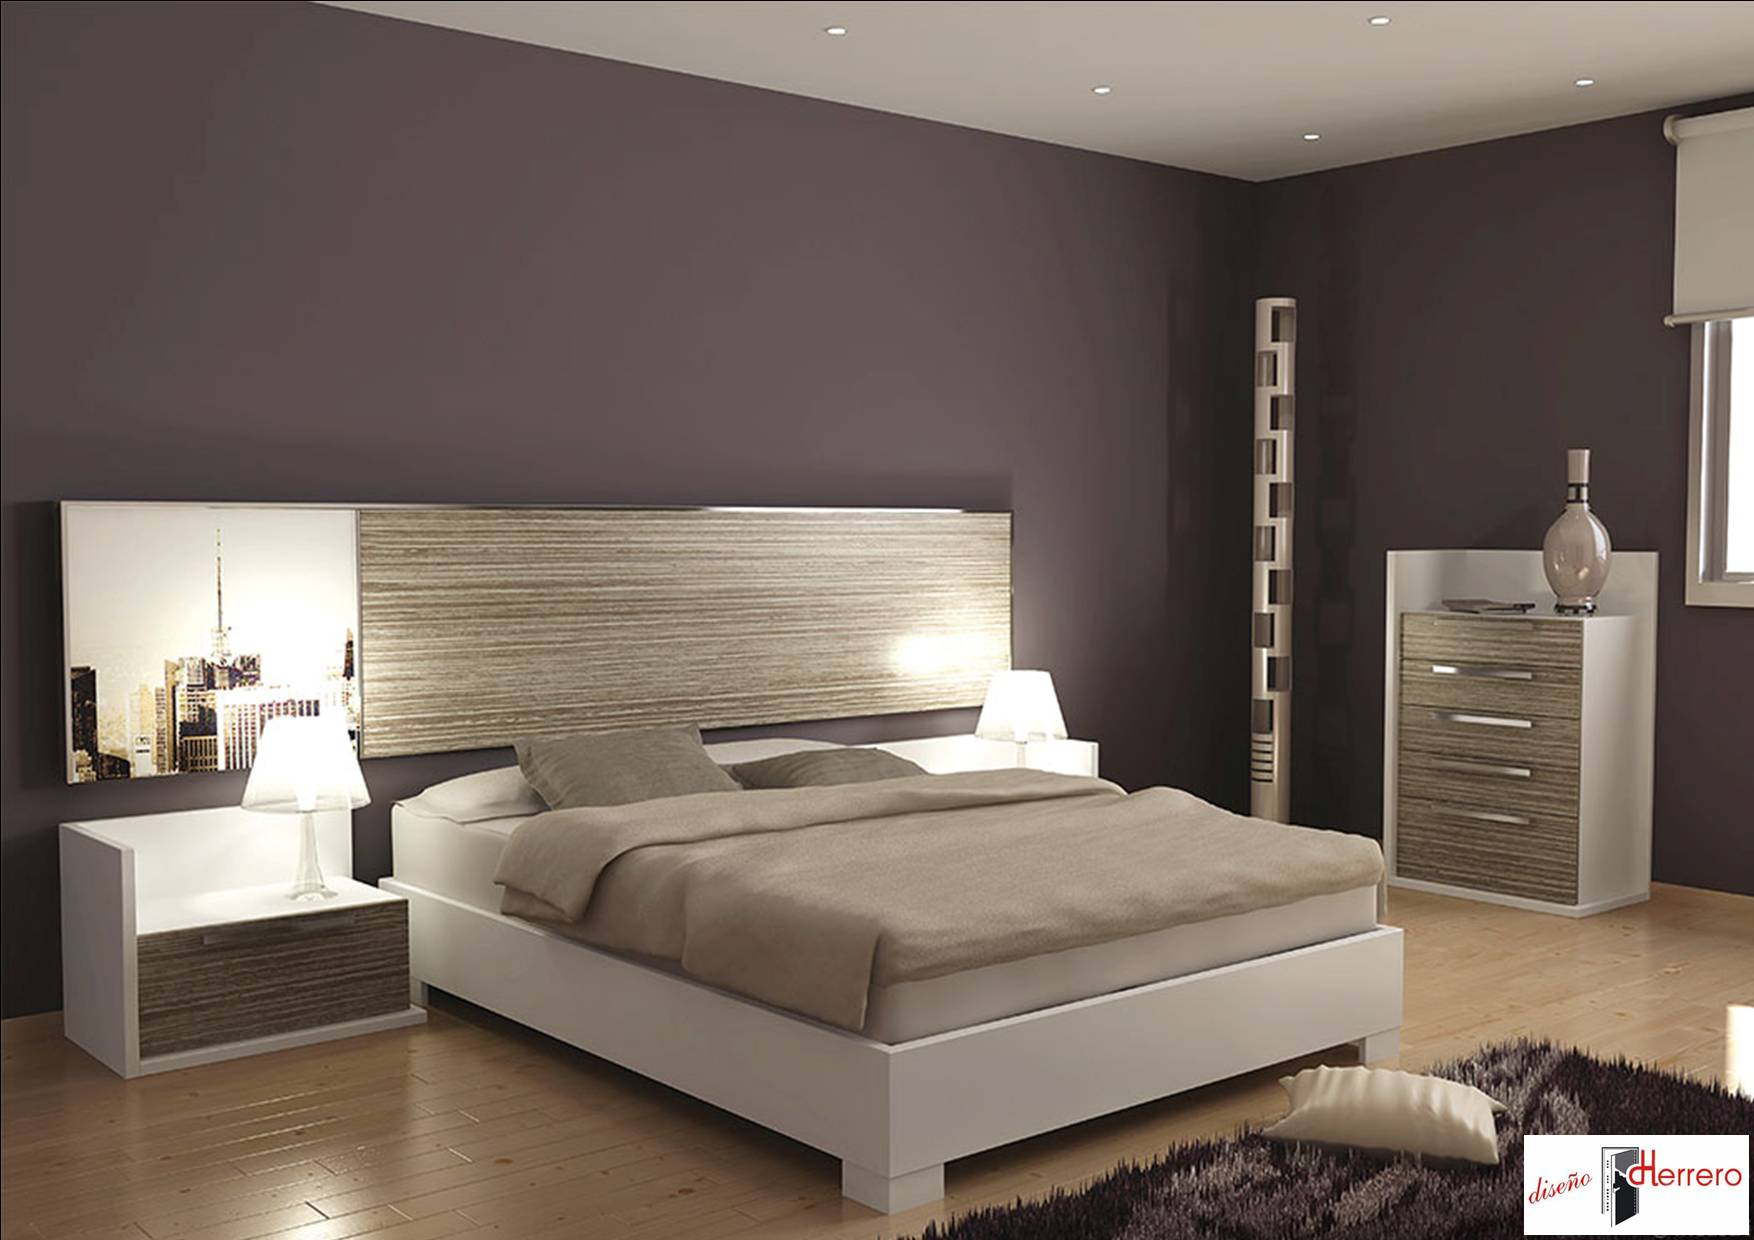 Desconectar y relajar c mo ser m s feliz en el dormitorio buena vibra - Dormitorios decoracion fotos ...